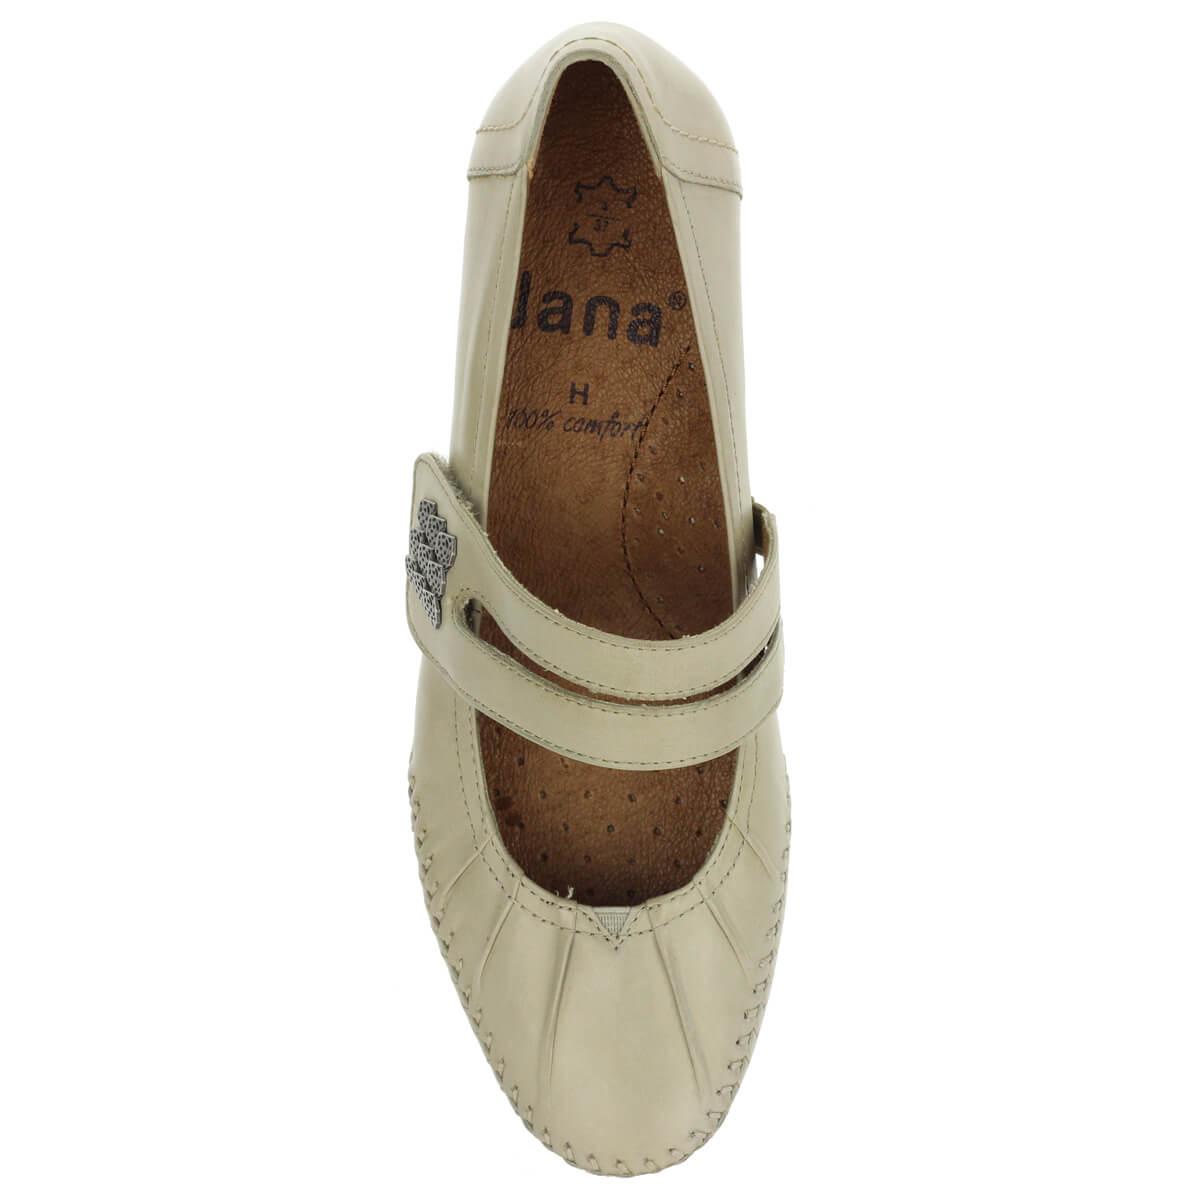 Puha · Pántos Jana cipő világos szürke színben. 3 6bf8cb3702